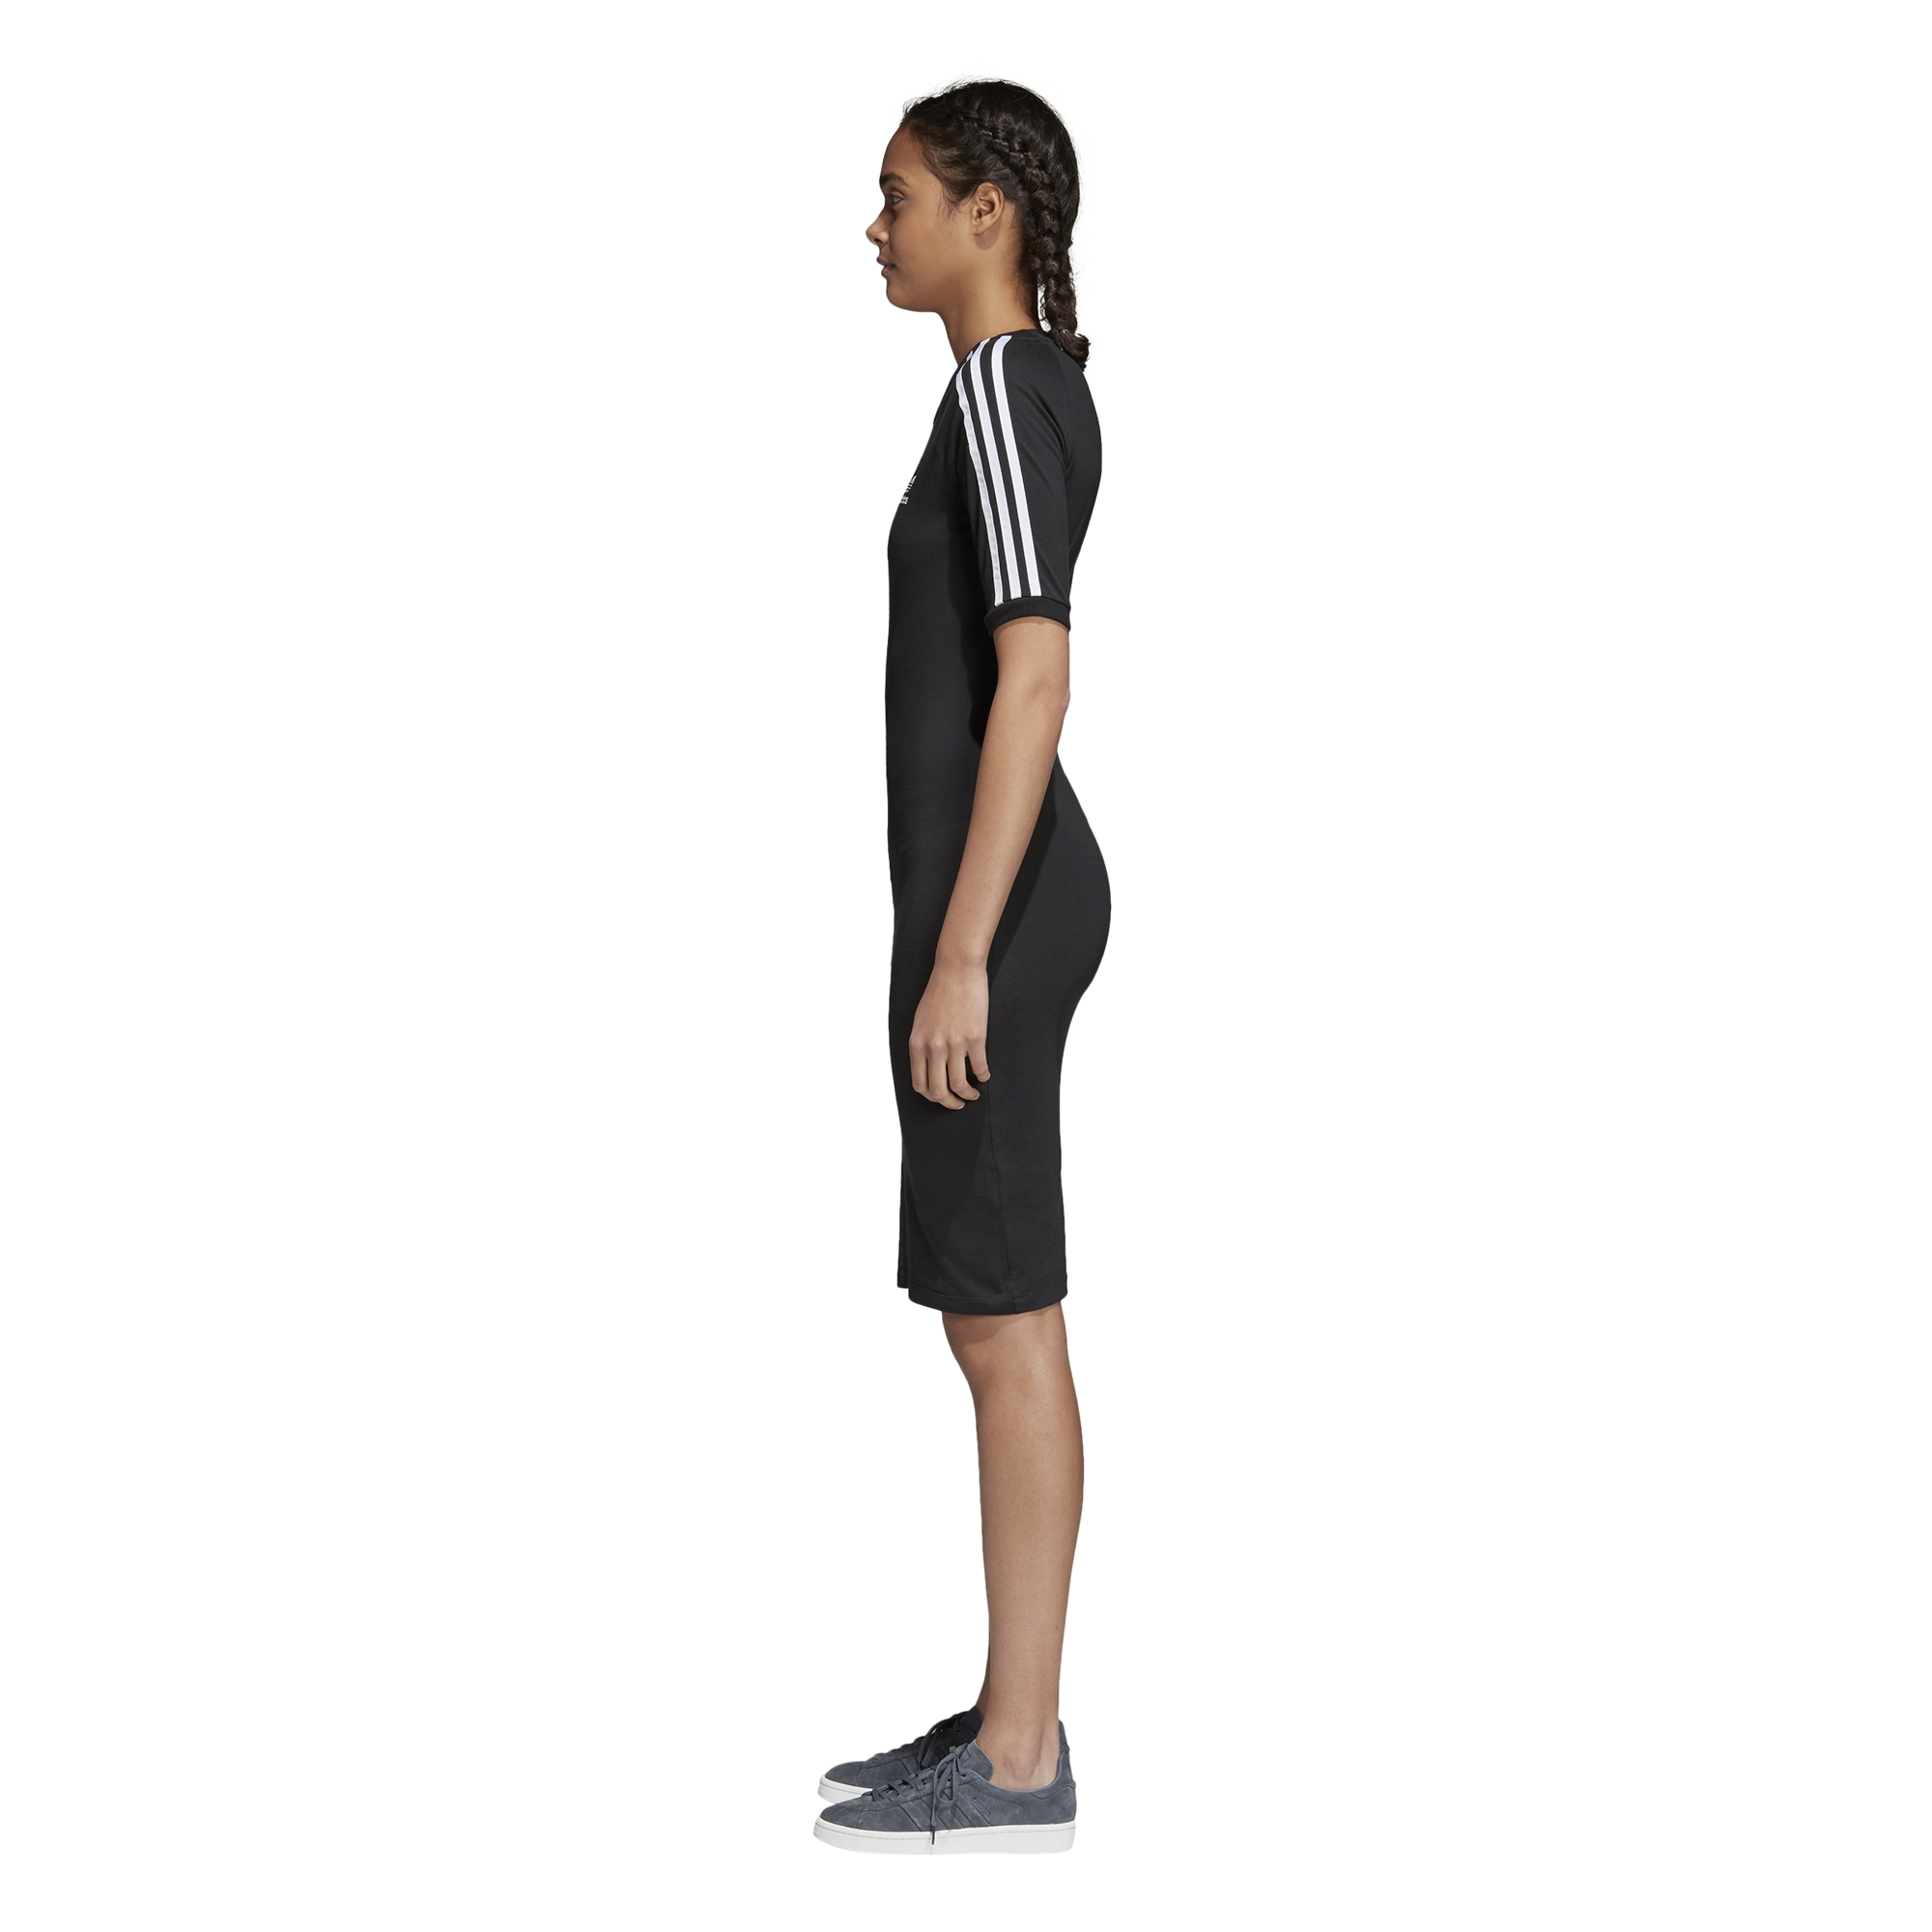 c09a10092d sukienka damska sportowa adidas r 38 CY4748 - 7852920445 - oficjalne ...